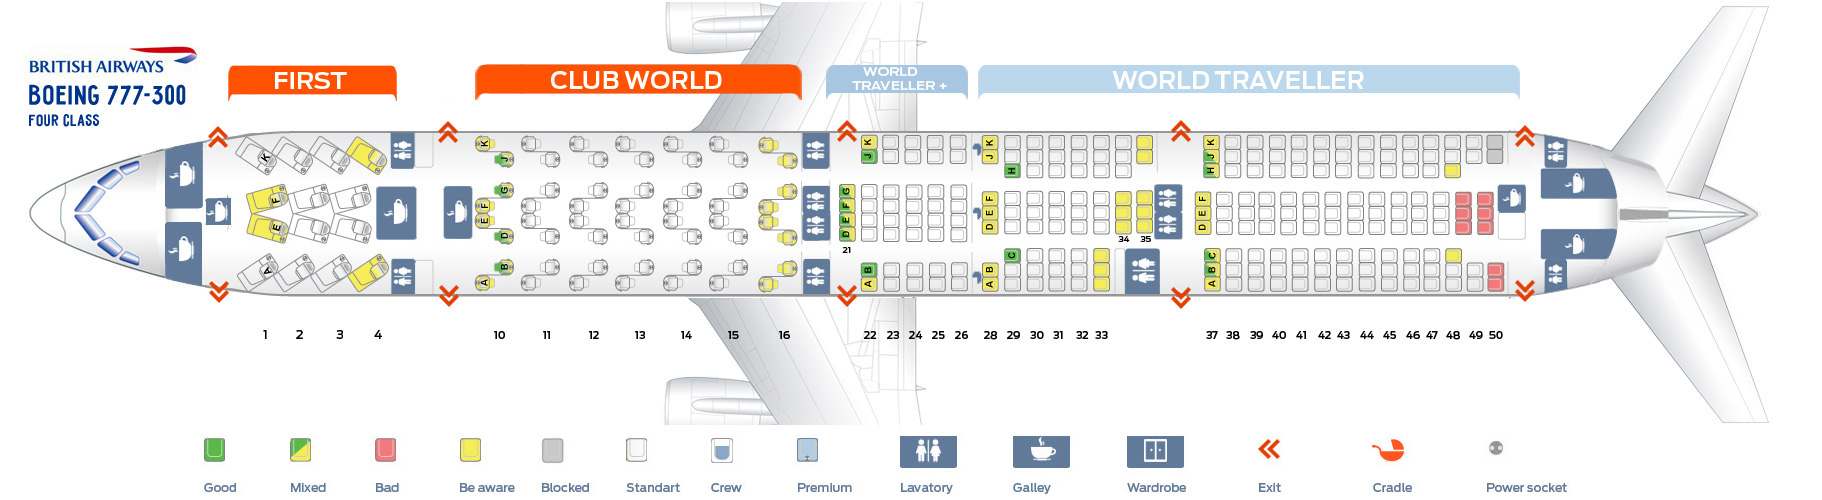 British Airways 777 Seat Map Seat map Boeing 777 300 British Airways. Best seats in plane